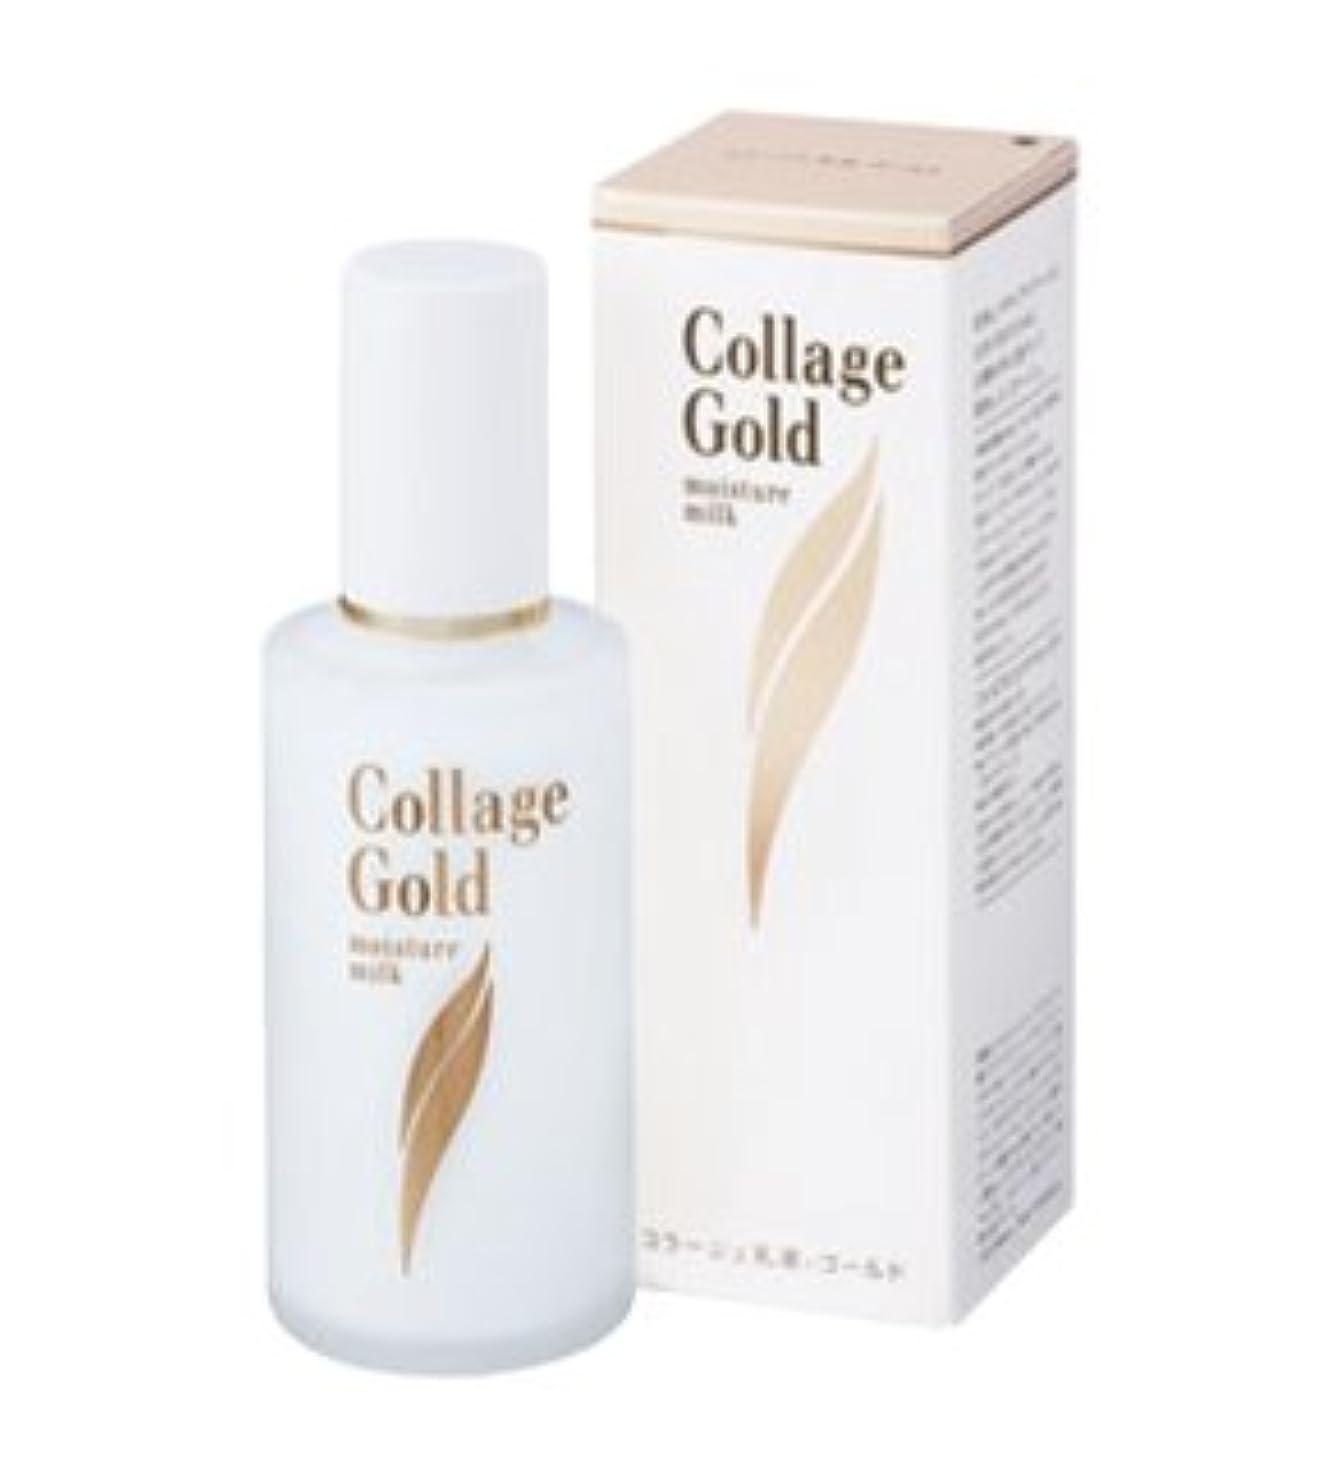 クラフトアラート属するコラージュ乳液-ゴールドS 100mL×4個